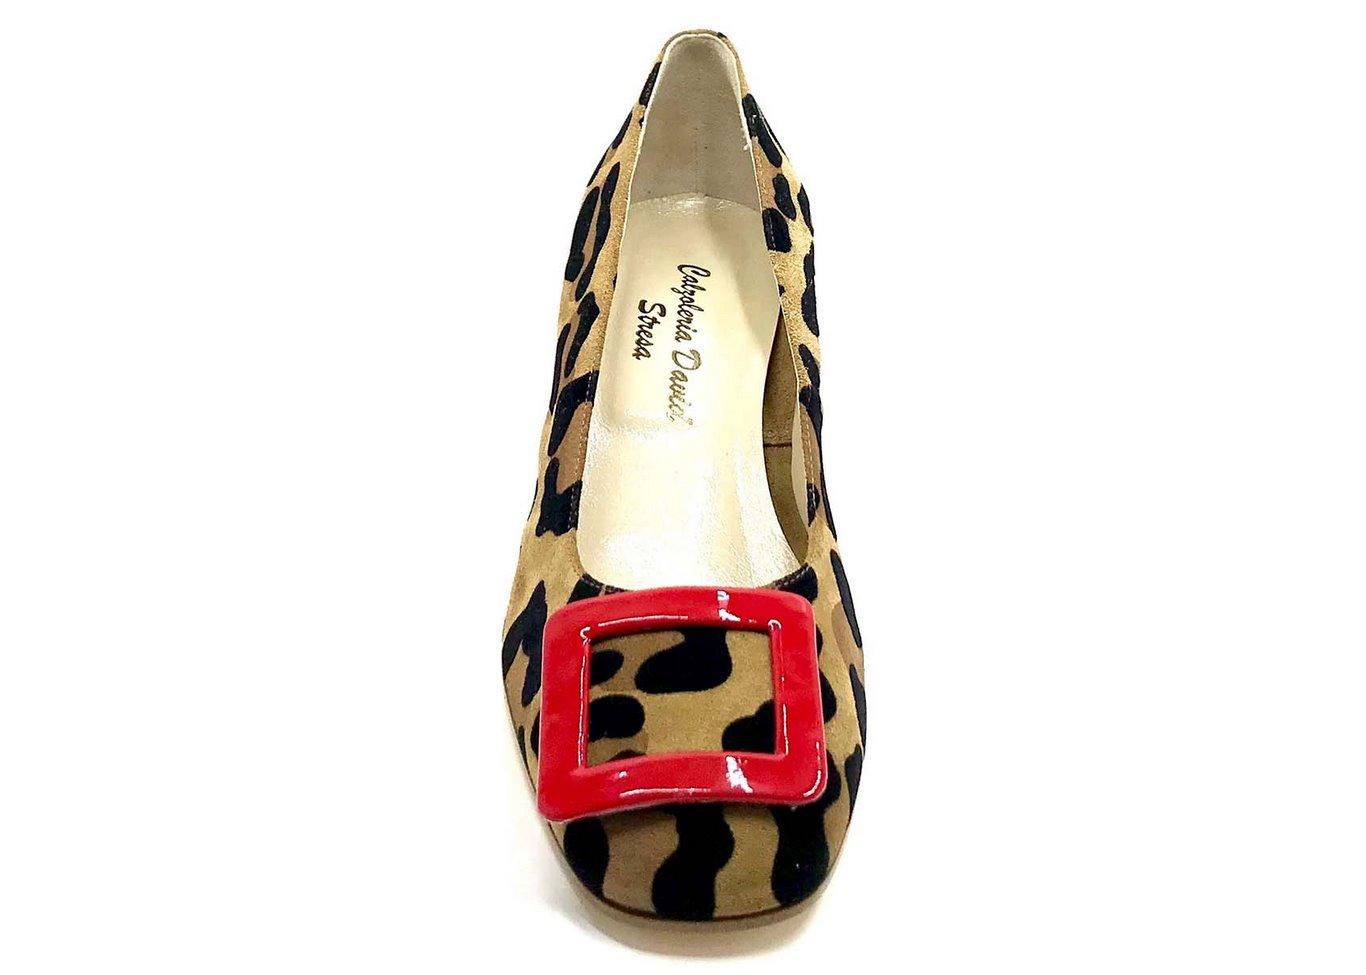 Décolleté Heel 5cm upper  in Suede silkscreened Animalier, heel and buckle in patent Red